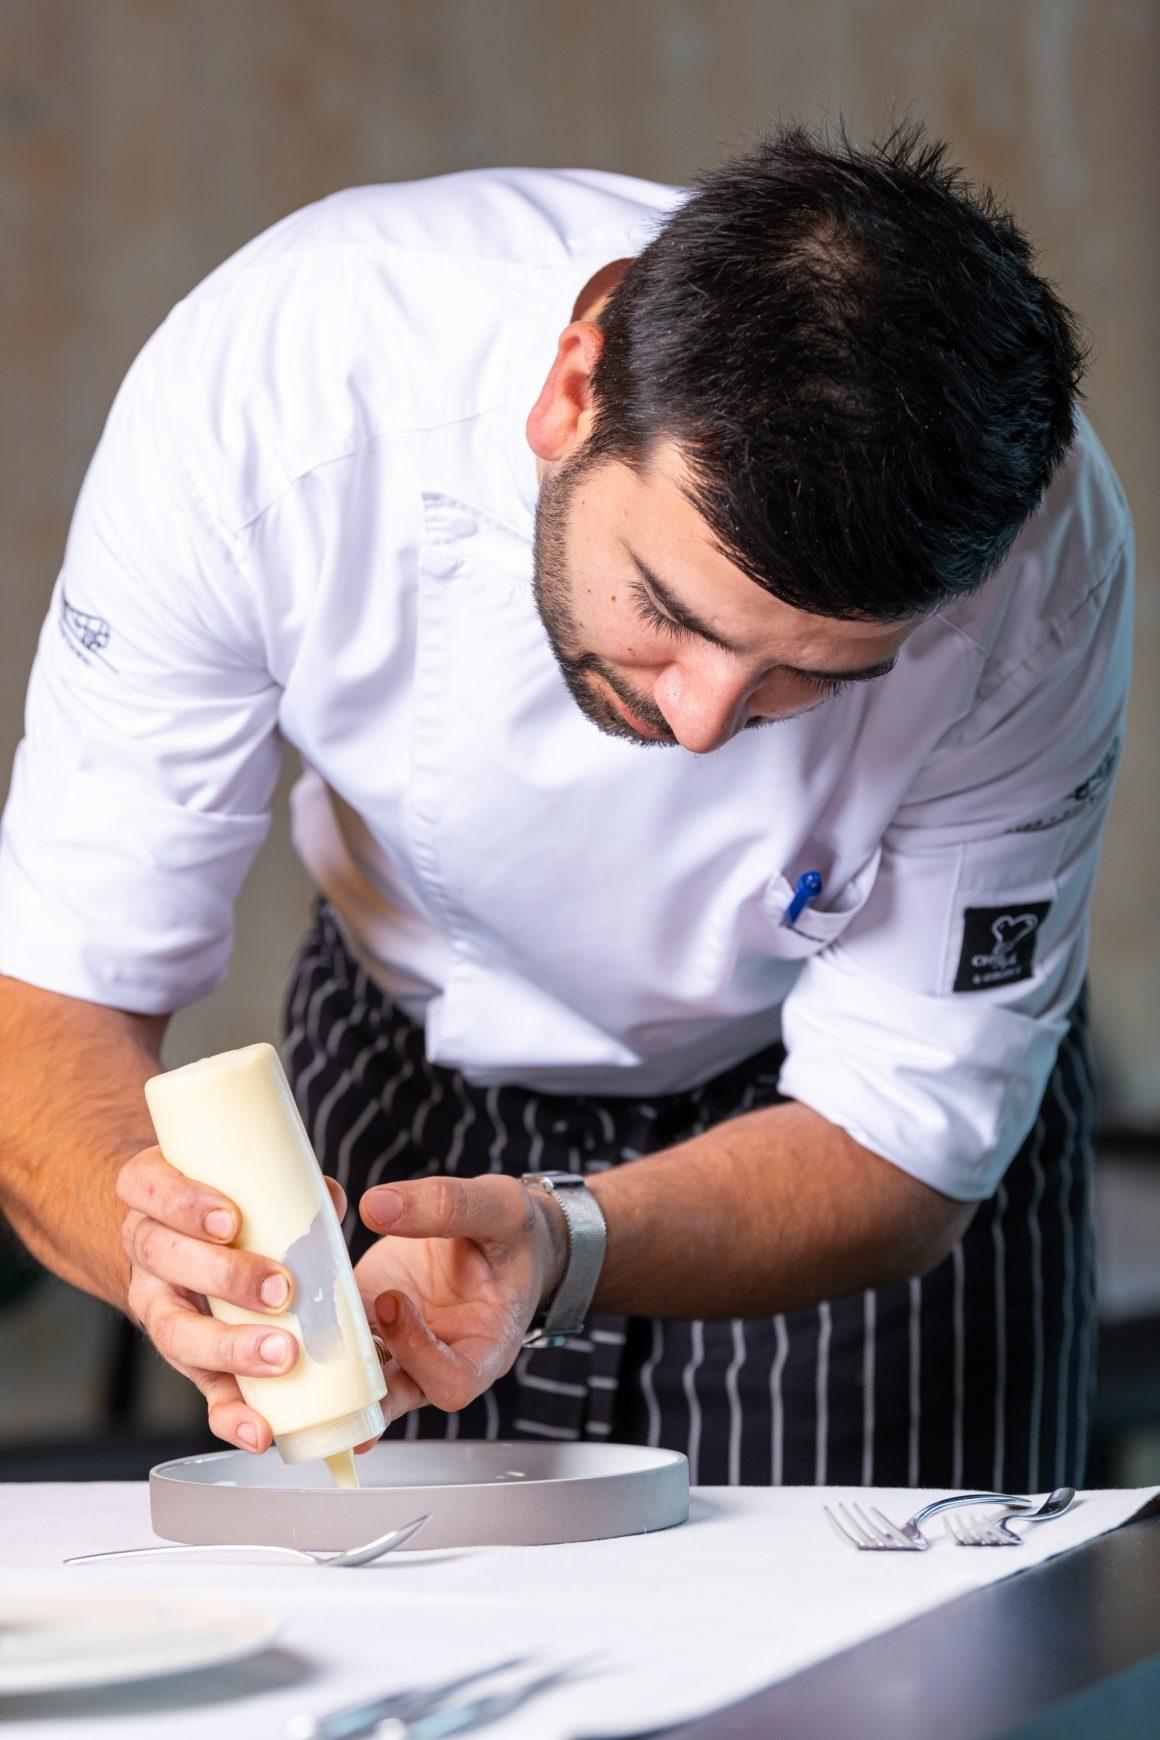 Head Chef Ionuț Gagiu